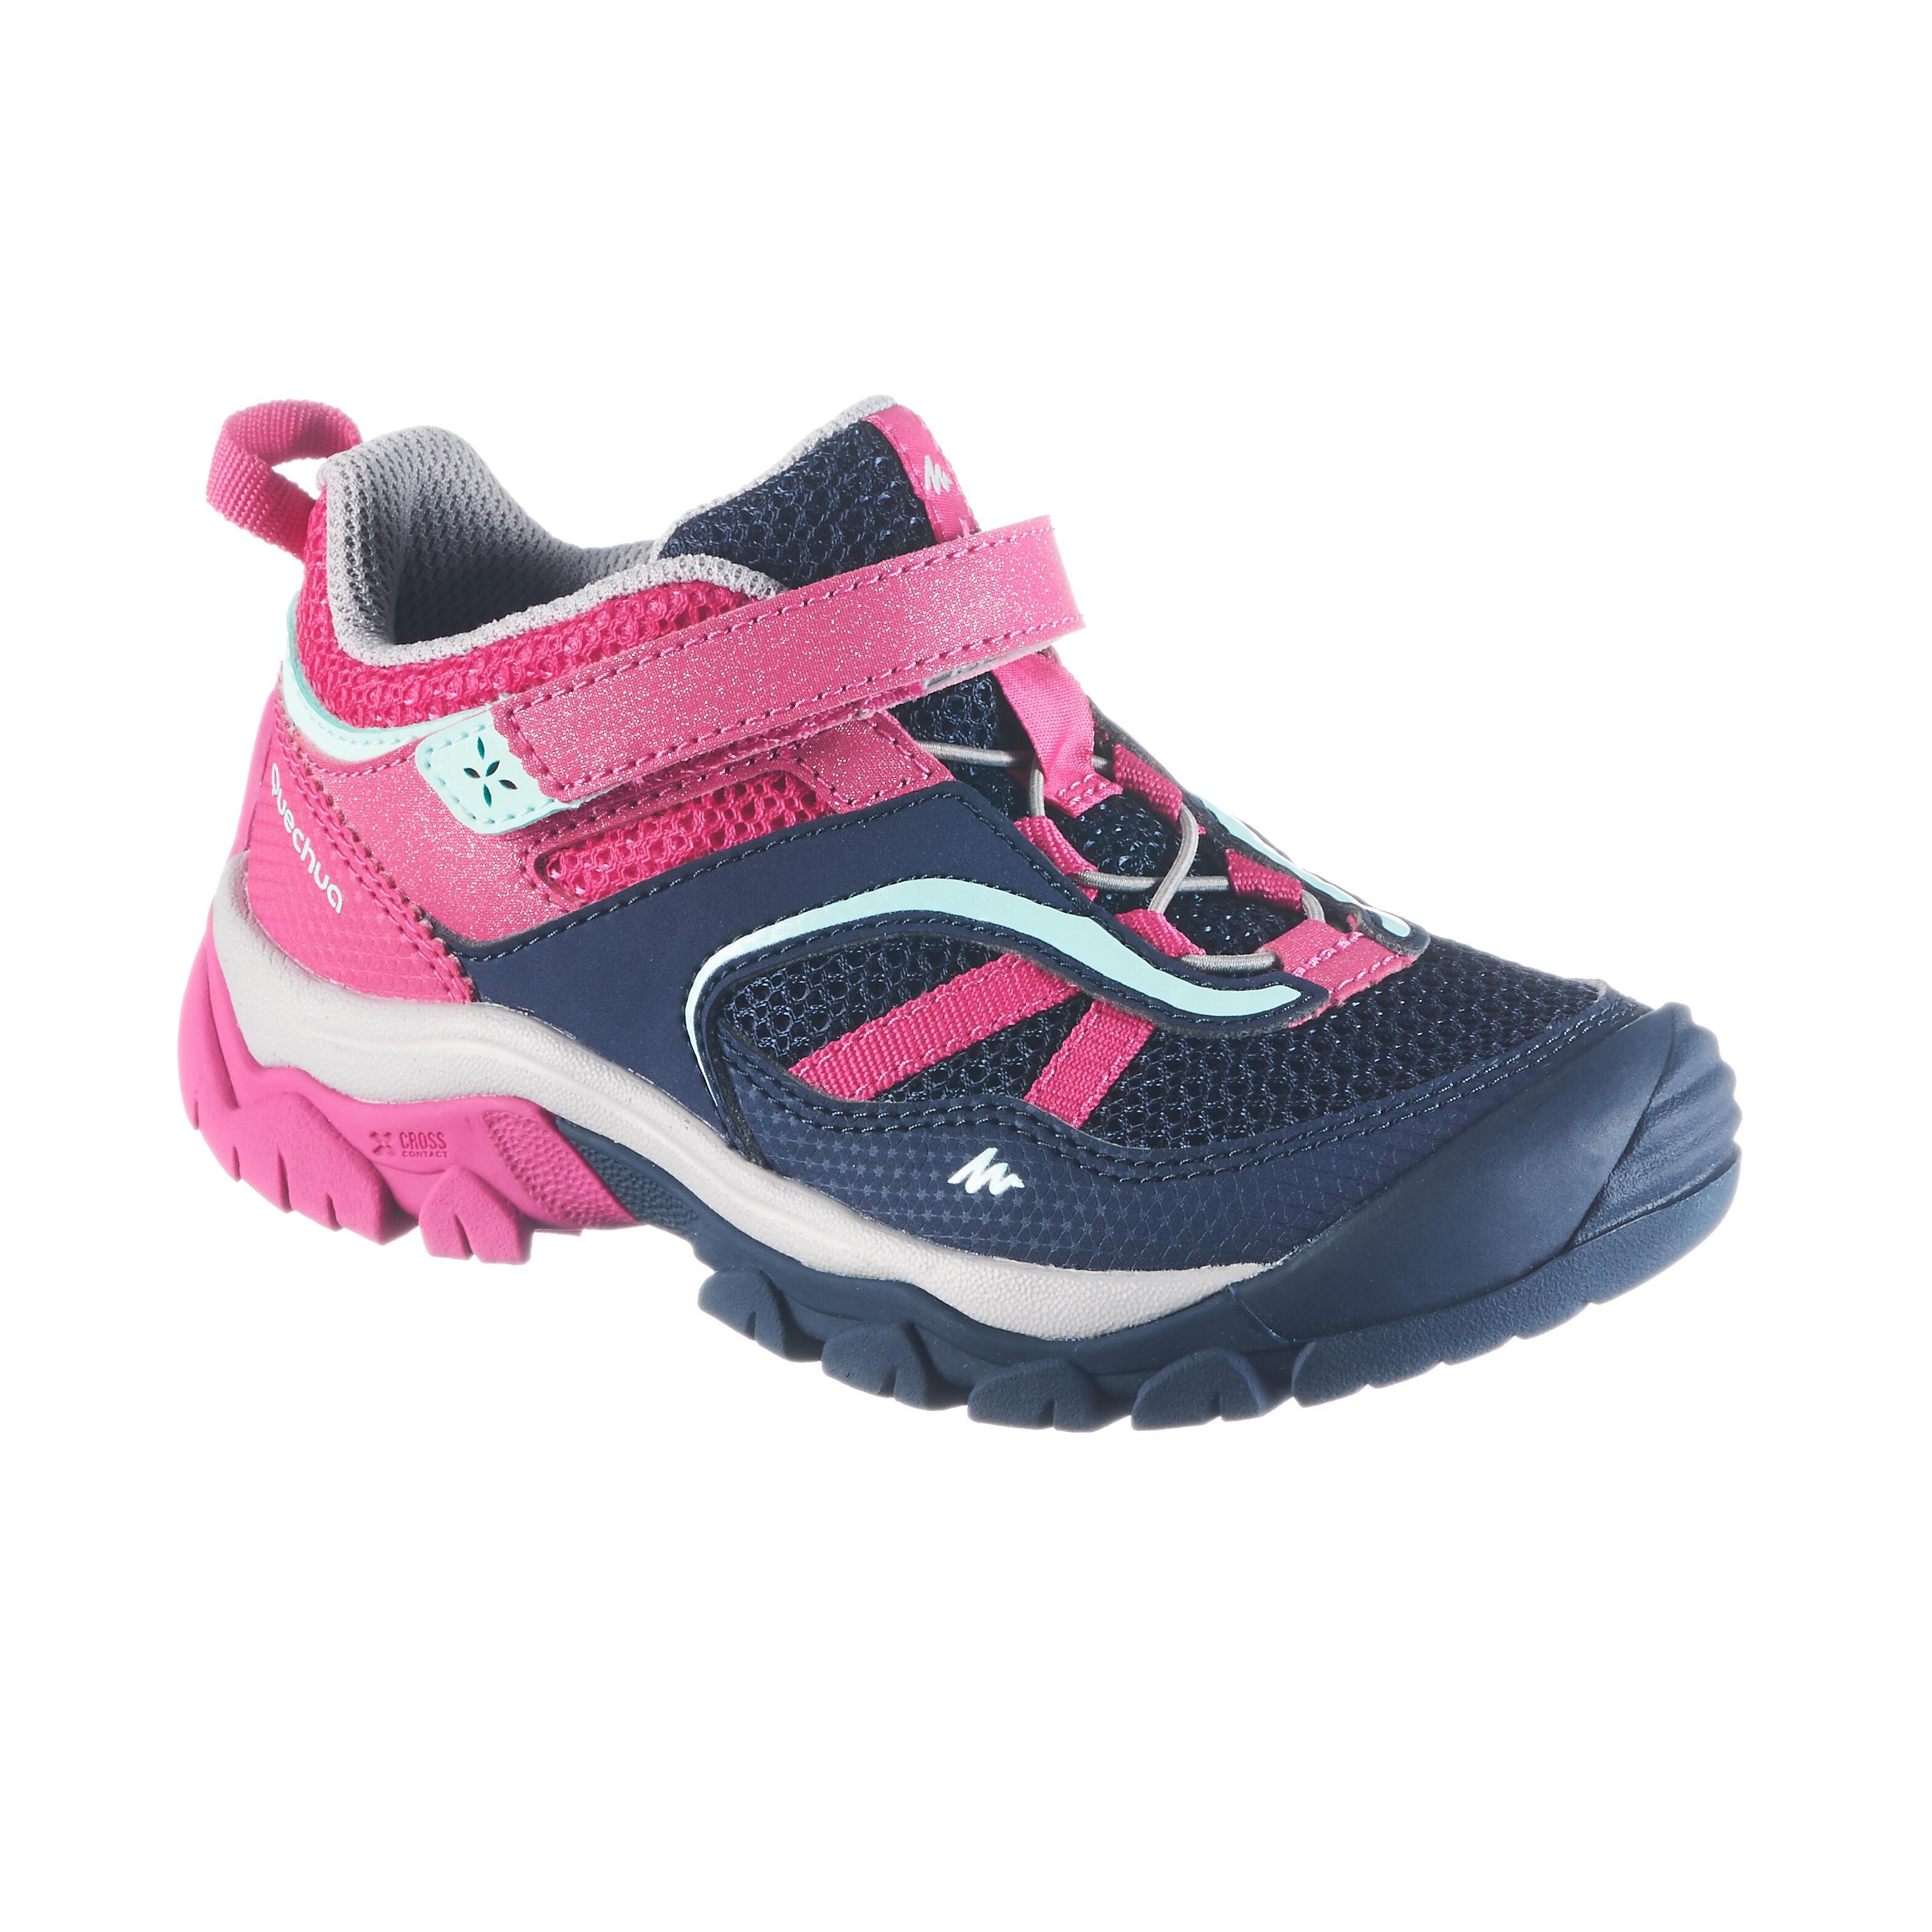 zapatillas skechers mujer rosa quechua